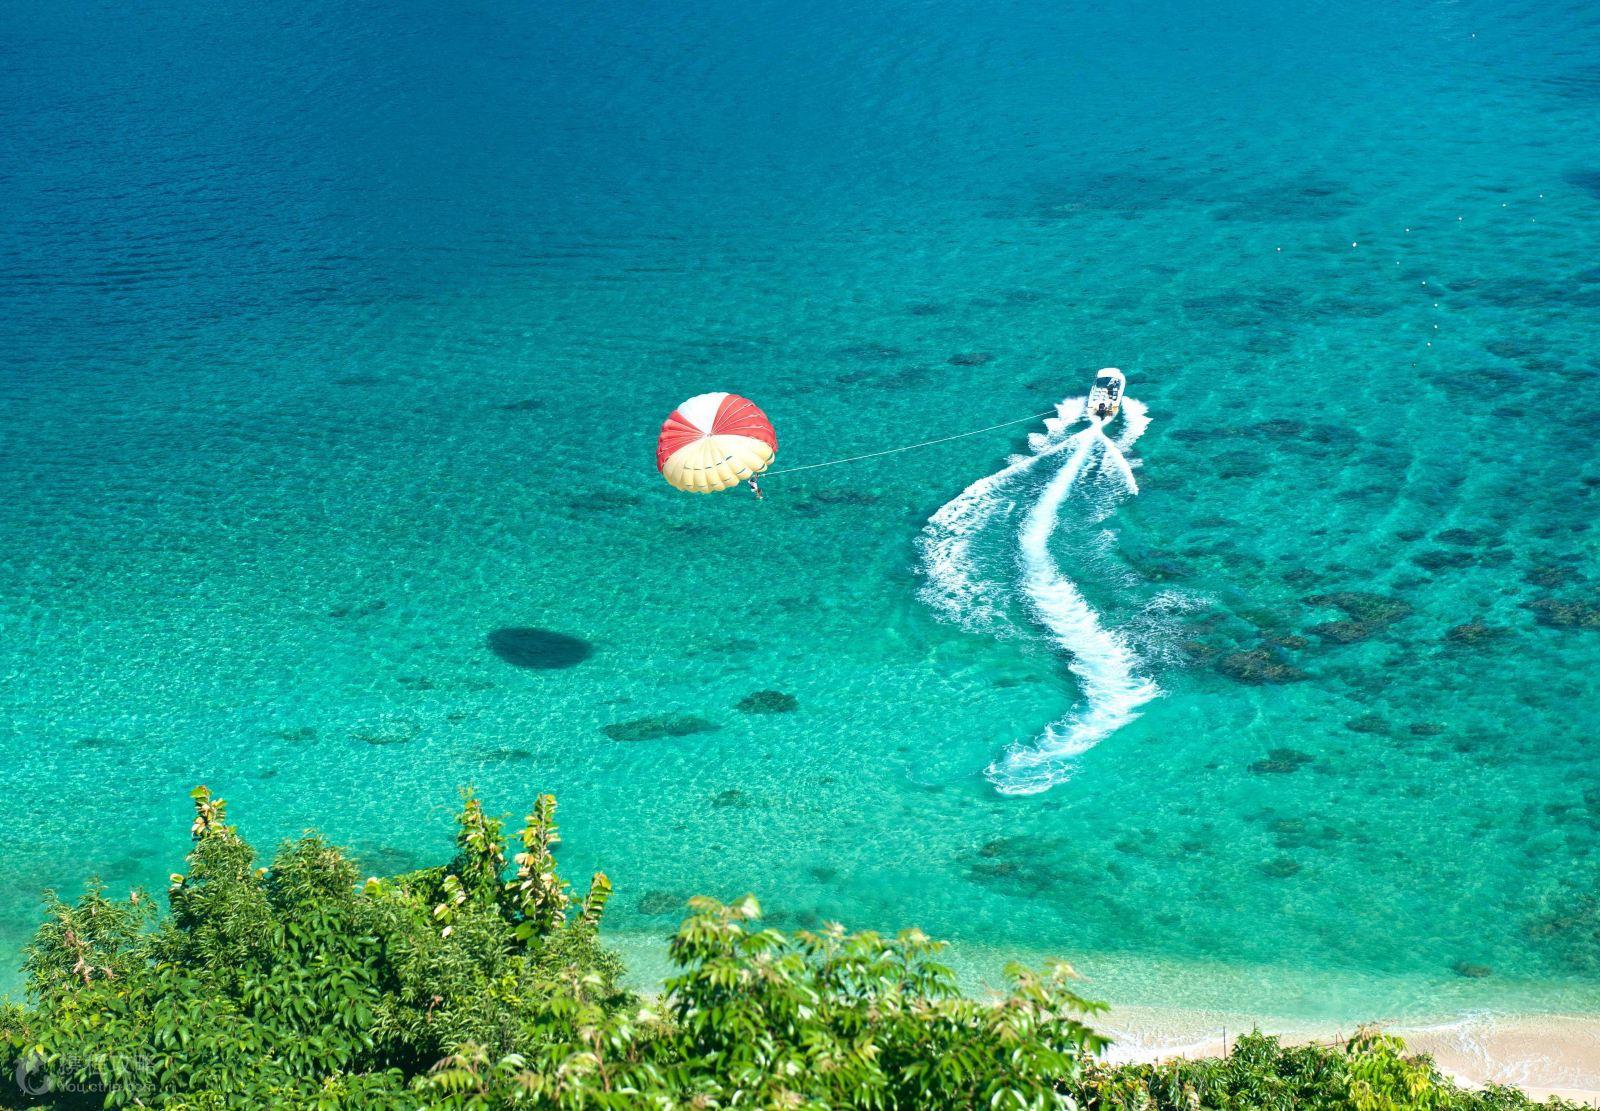 海南+三亚6日5晚跟团游 双飞.海景+海边酒店.海洋秀.拉网捕鱼.0自费图片